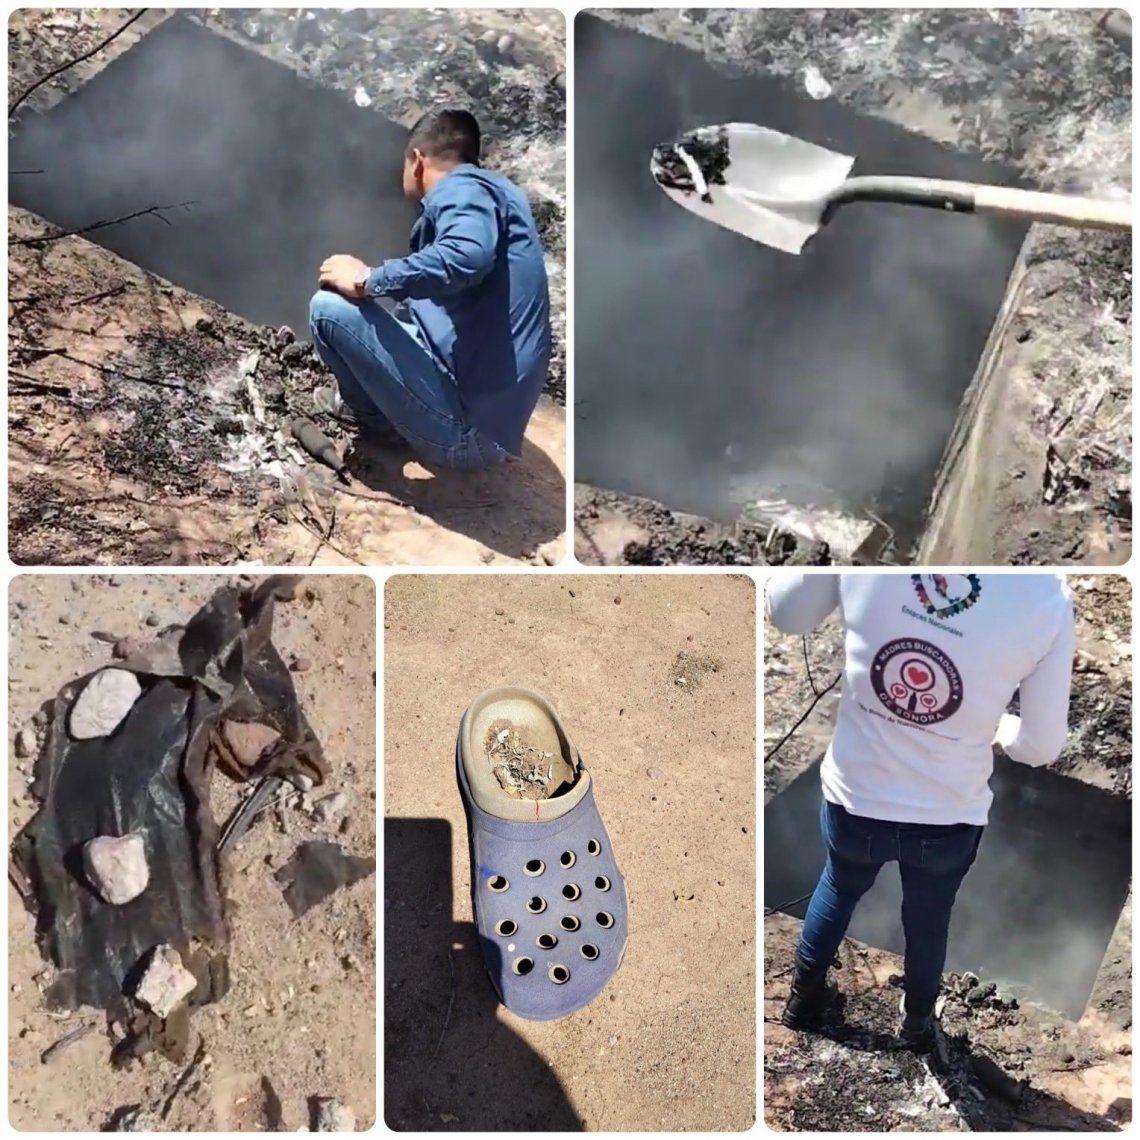 México: descubren fosa clandestina con restos ardiendo   México, mujeres, fosa  clandestina